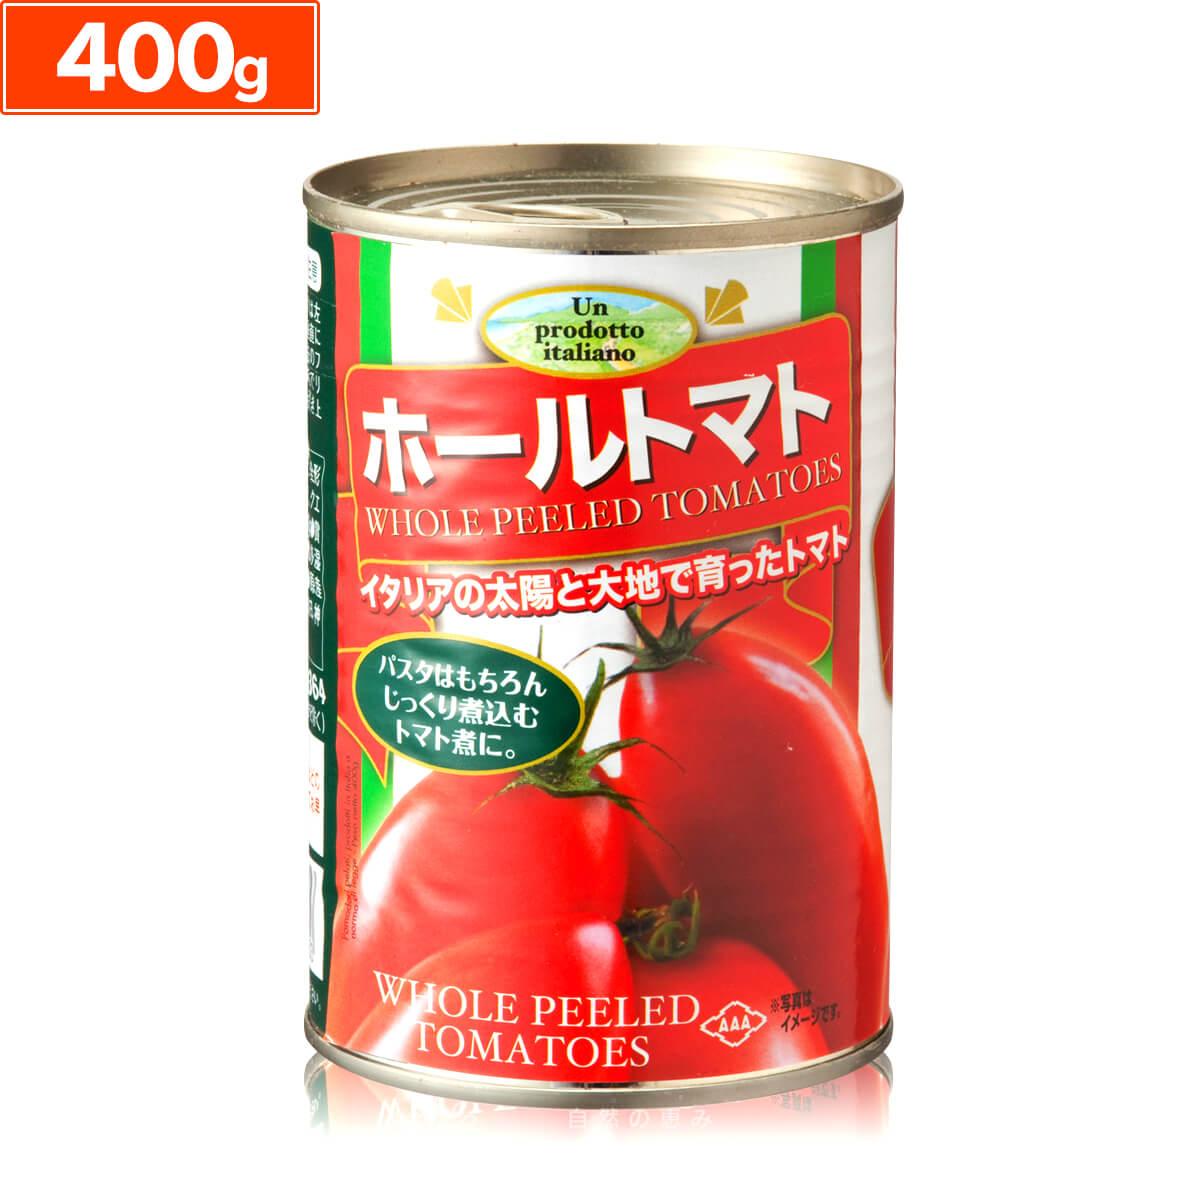 本場イタリアの太陽の光をたっぷり浴びた完熟トマトです 1位 朝日ホールトマト缶 400g トマト缶詰 ホール トマト おすすめ特集 セール価格 メーカー おすすめ ランキング イタリア 朝日 400